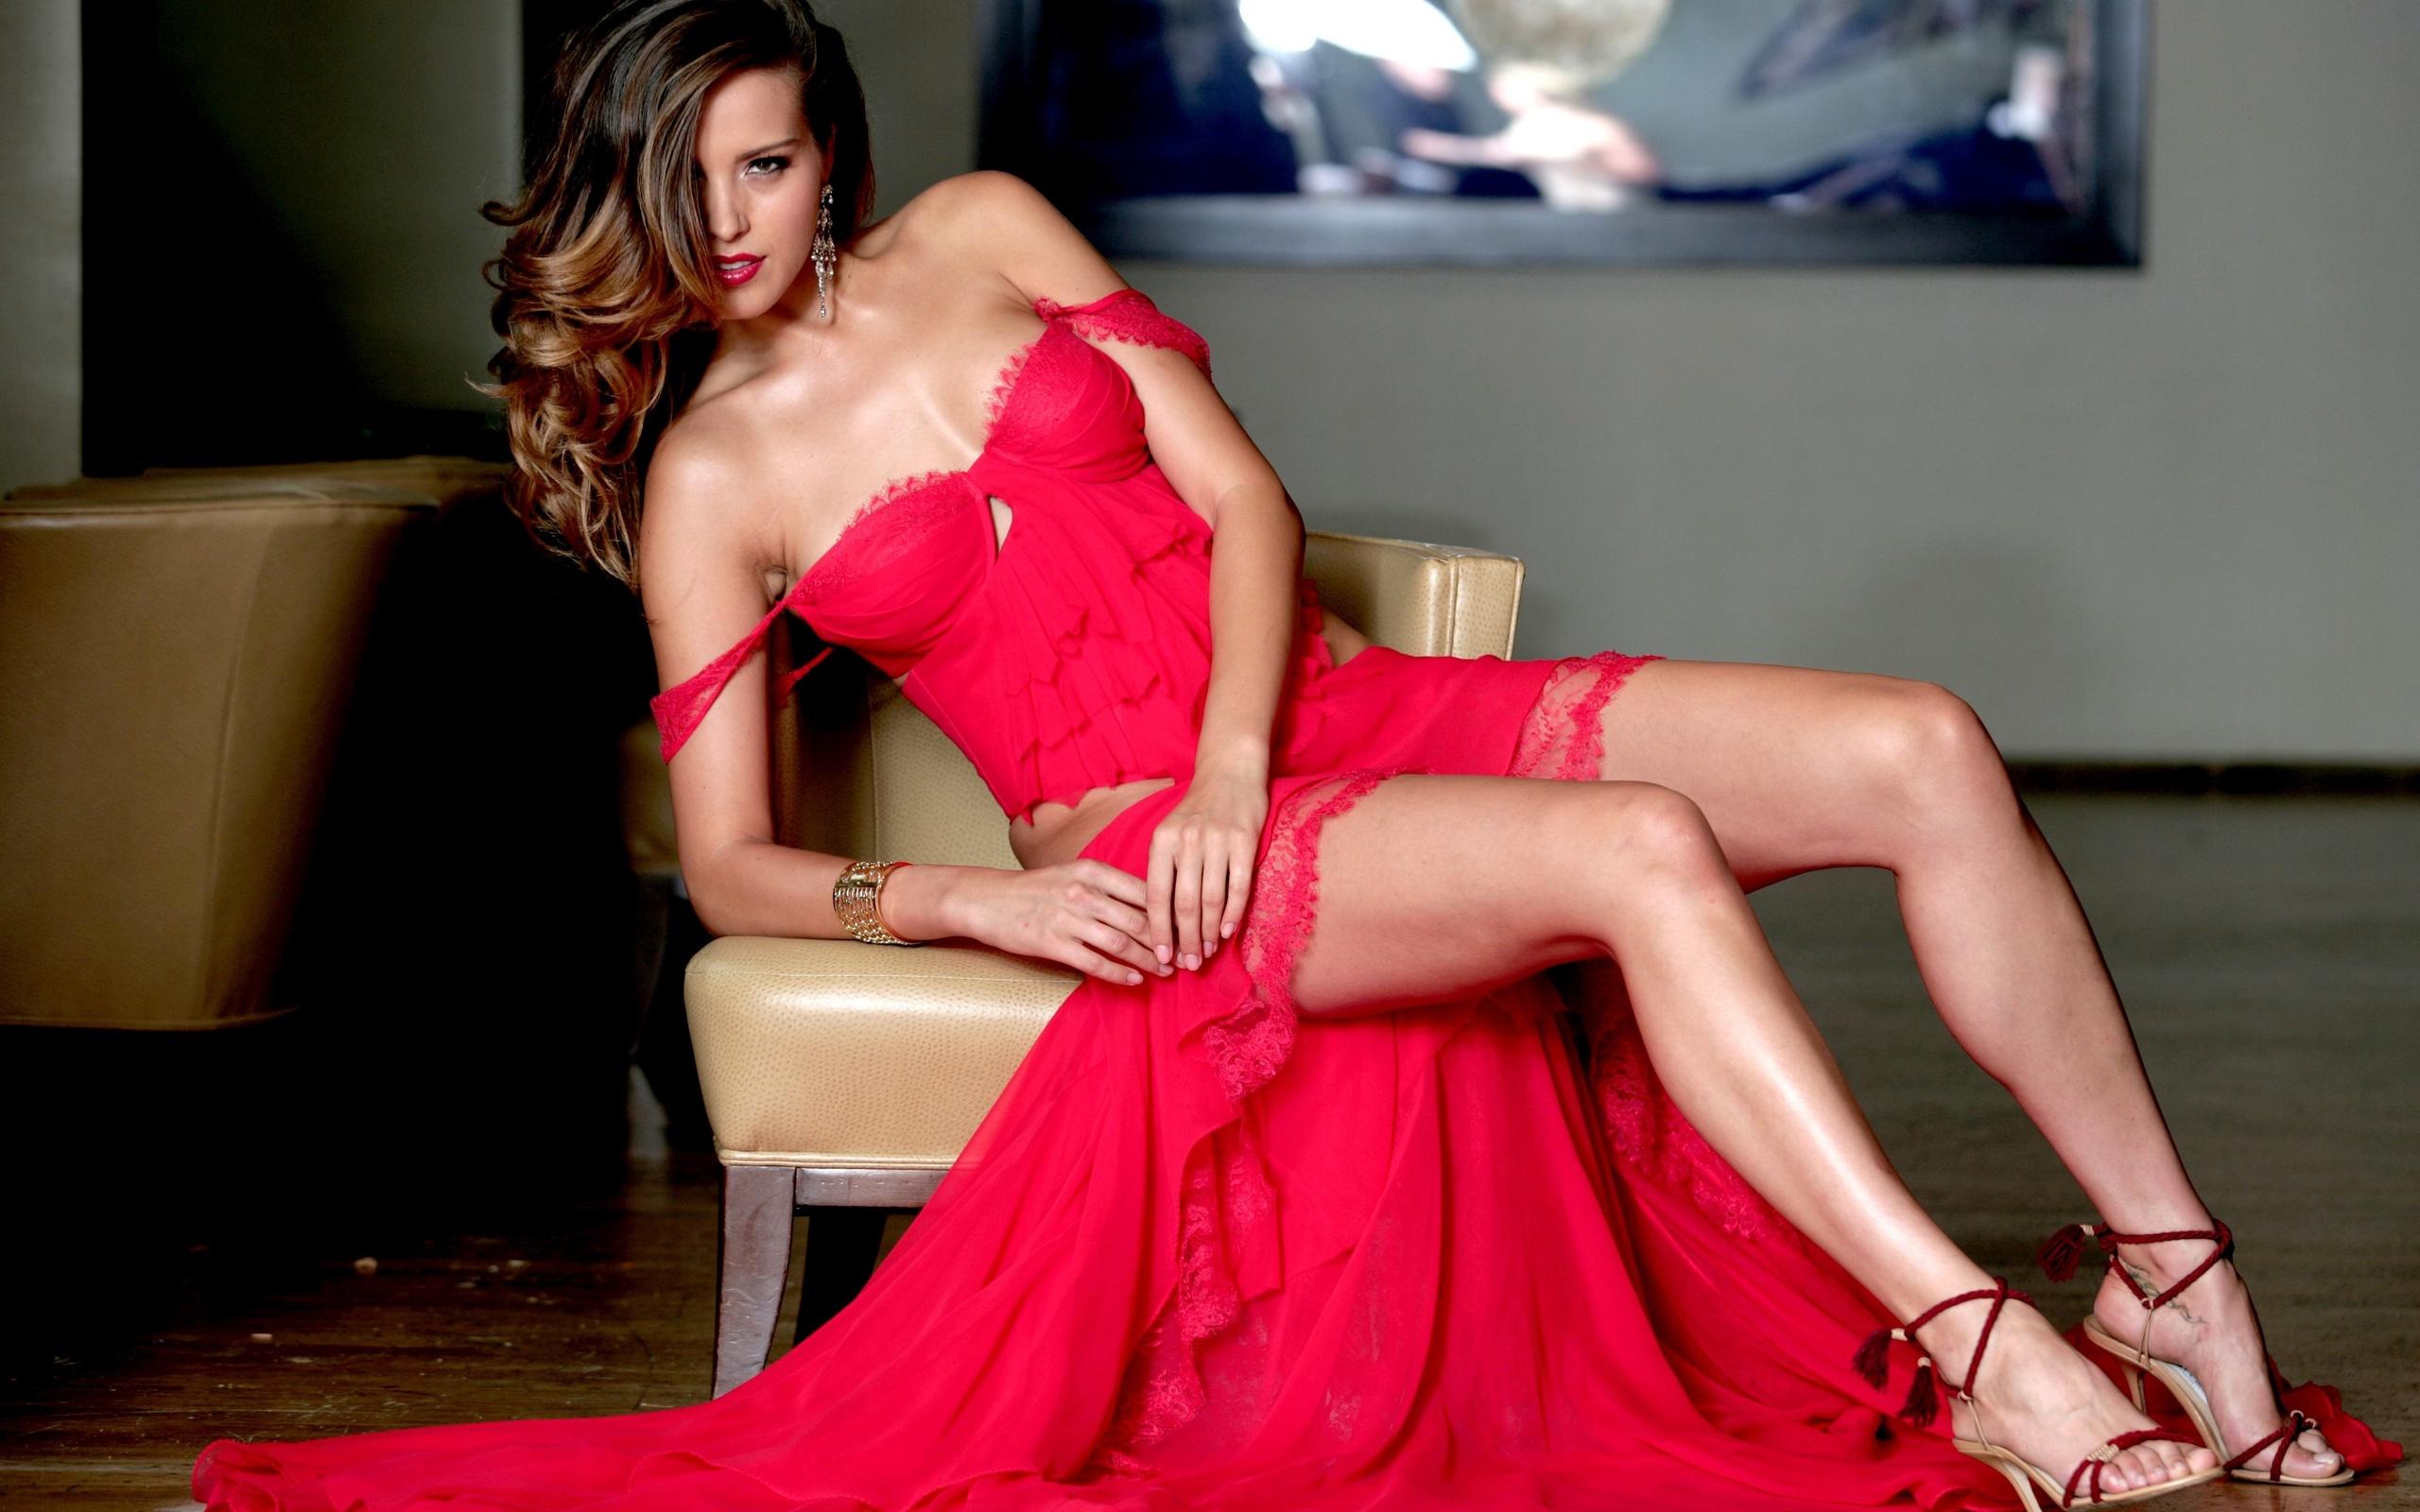 девушка в шикарном платье эротическое фото серьёзно